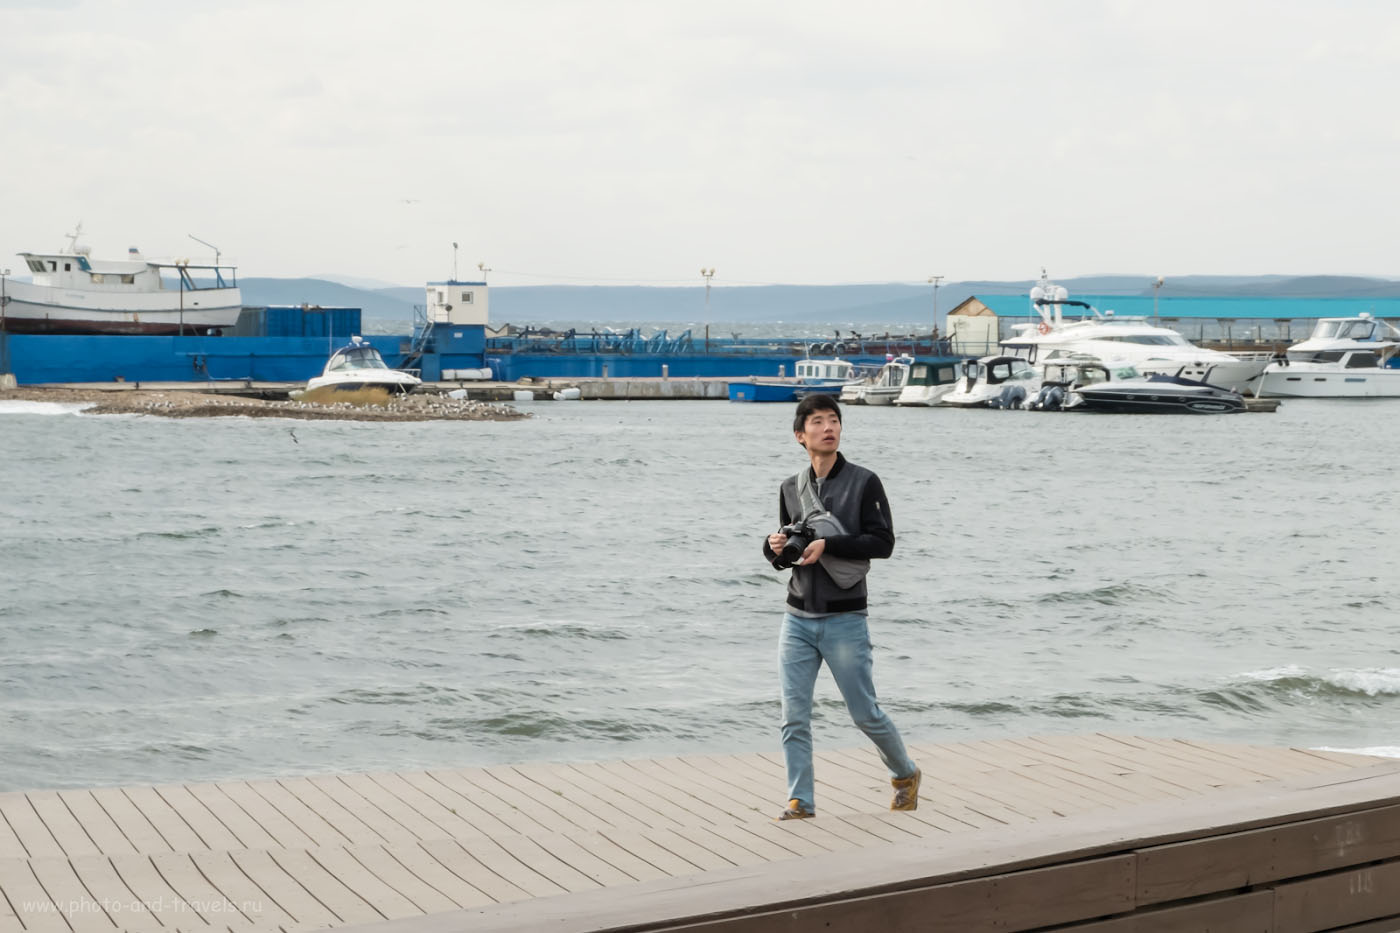 Фотография 22. Пожалуй, в этот солнечный и ветреный день я хотел бы держать в руках не Fuji X30, а вот такой, более серьезный фотоаппарат. 1/210, +0.67, 8.0, 200, 28.4.